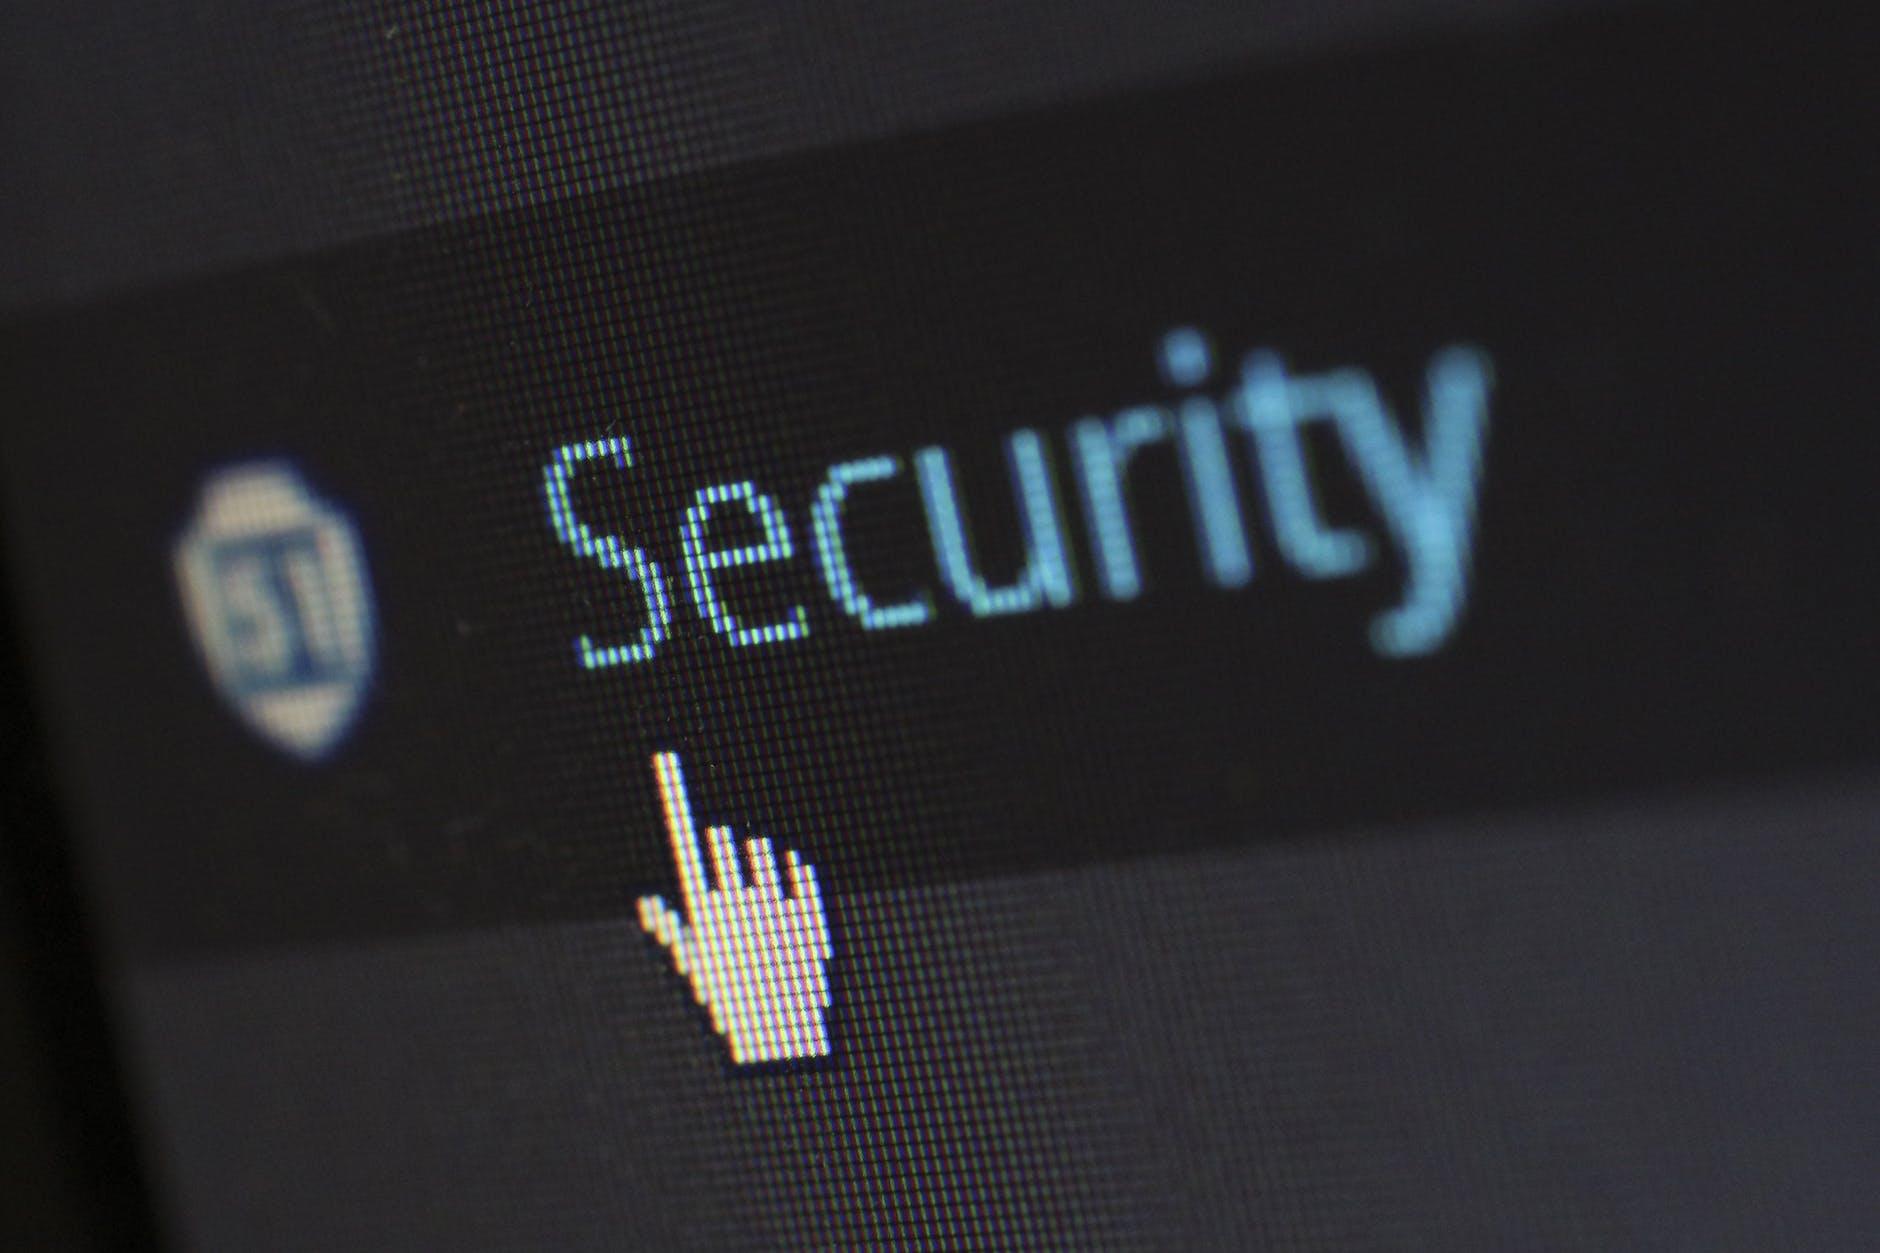 أفضل 10 تطبيقات حماية الهاتف الجوال اندرويد و الايفون مجانية وقوية